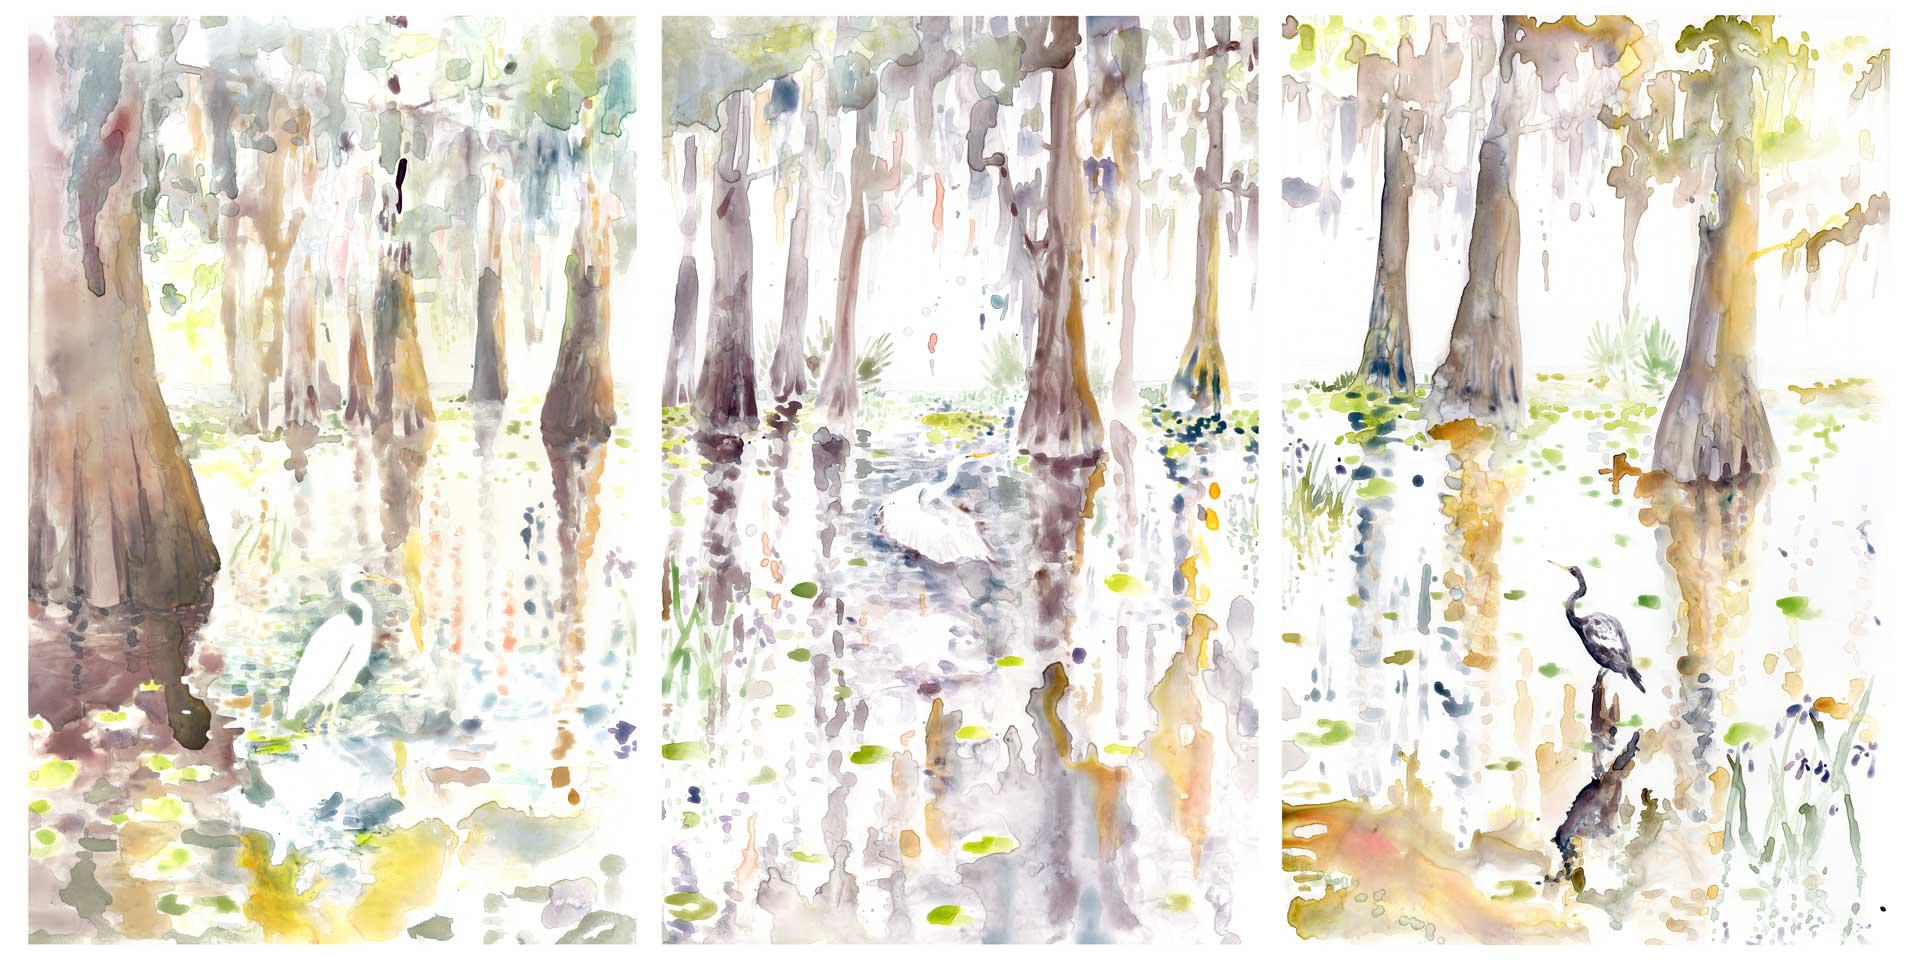 swamp-triptych-1.jpg